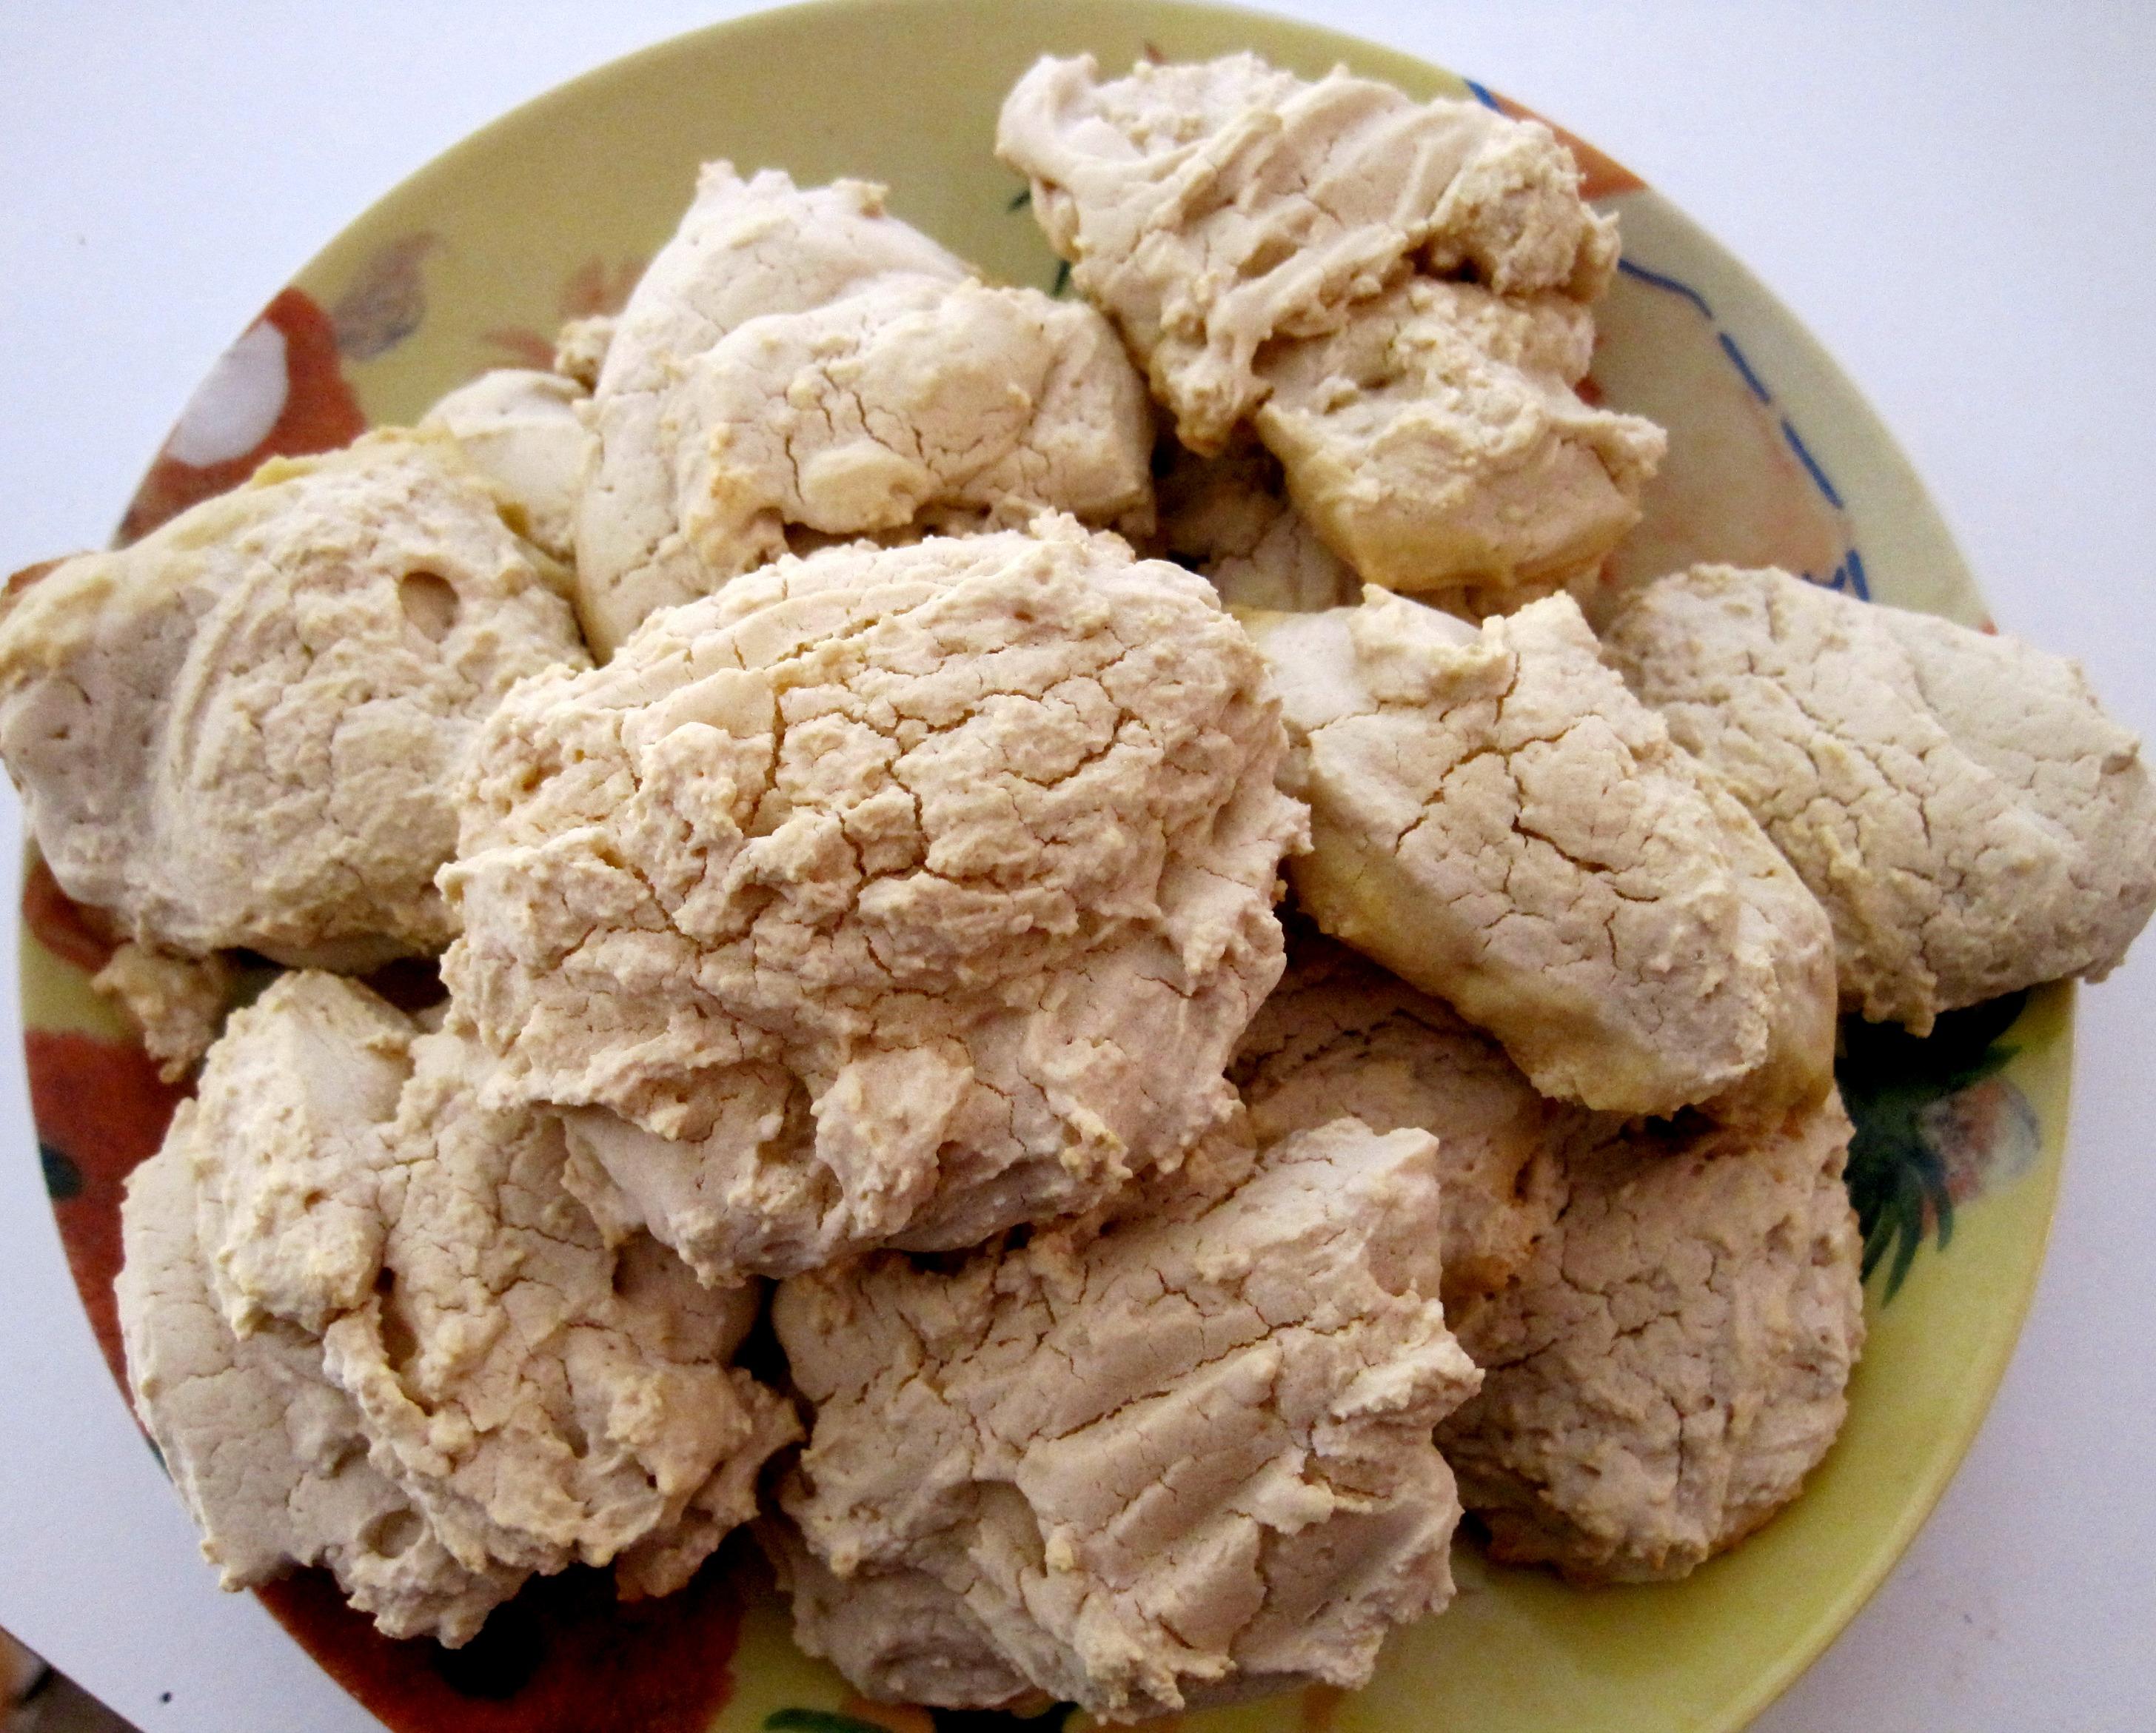 glutenfreedropbiscuits